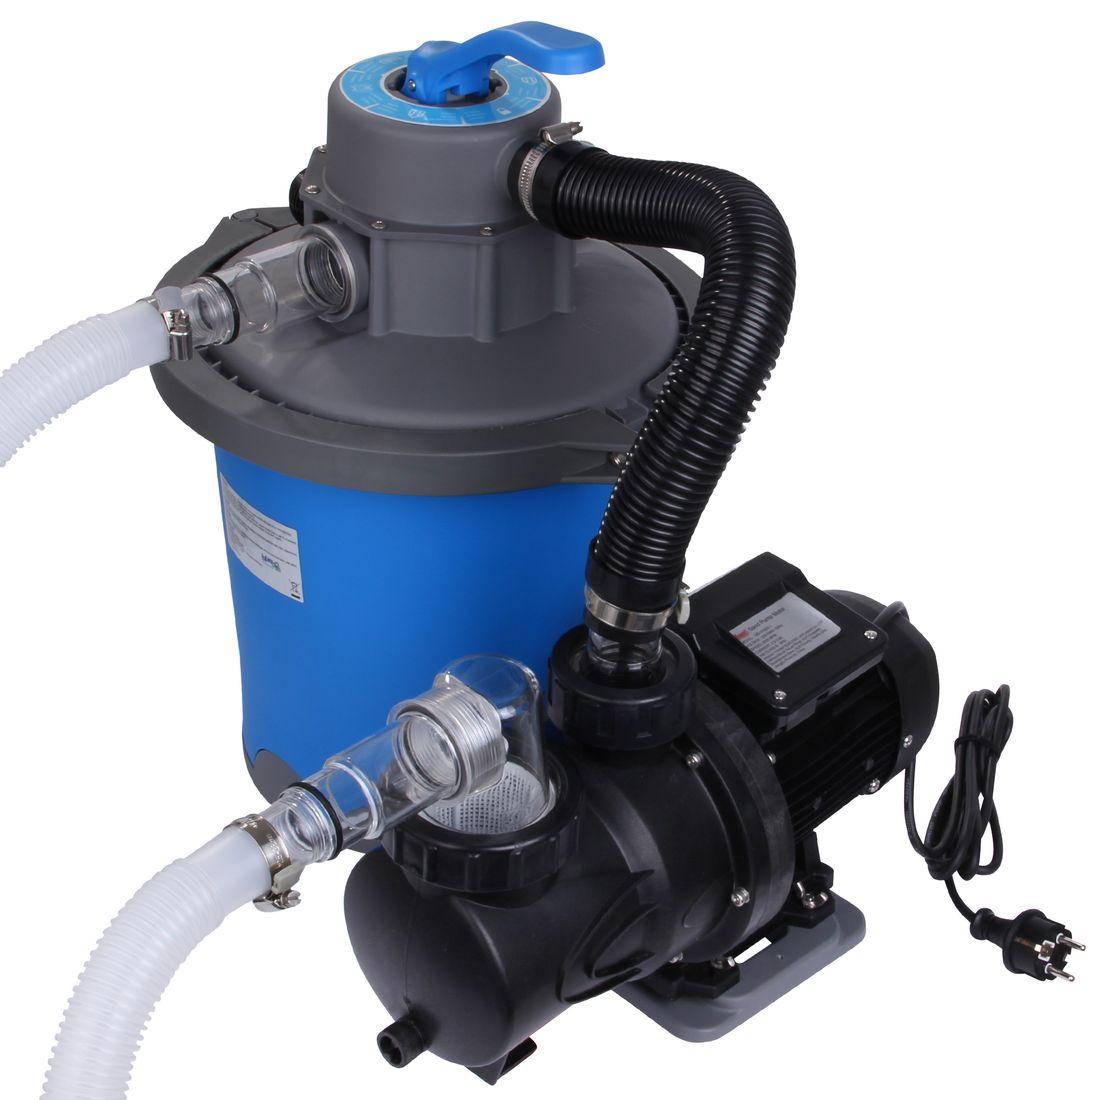 Hervorragend Blueborn Sand-Filteranlage SFP 6813 L/h Sandfilter Pool-Pumpe 6 PS05